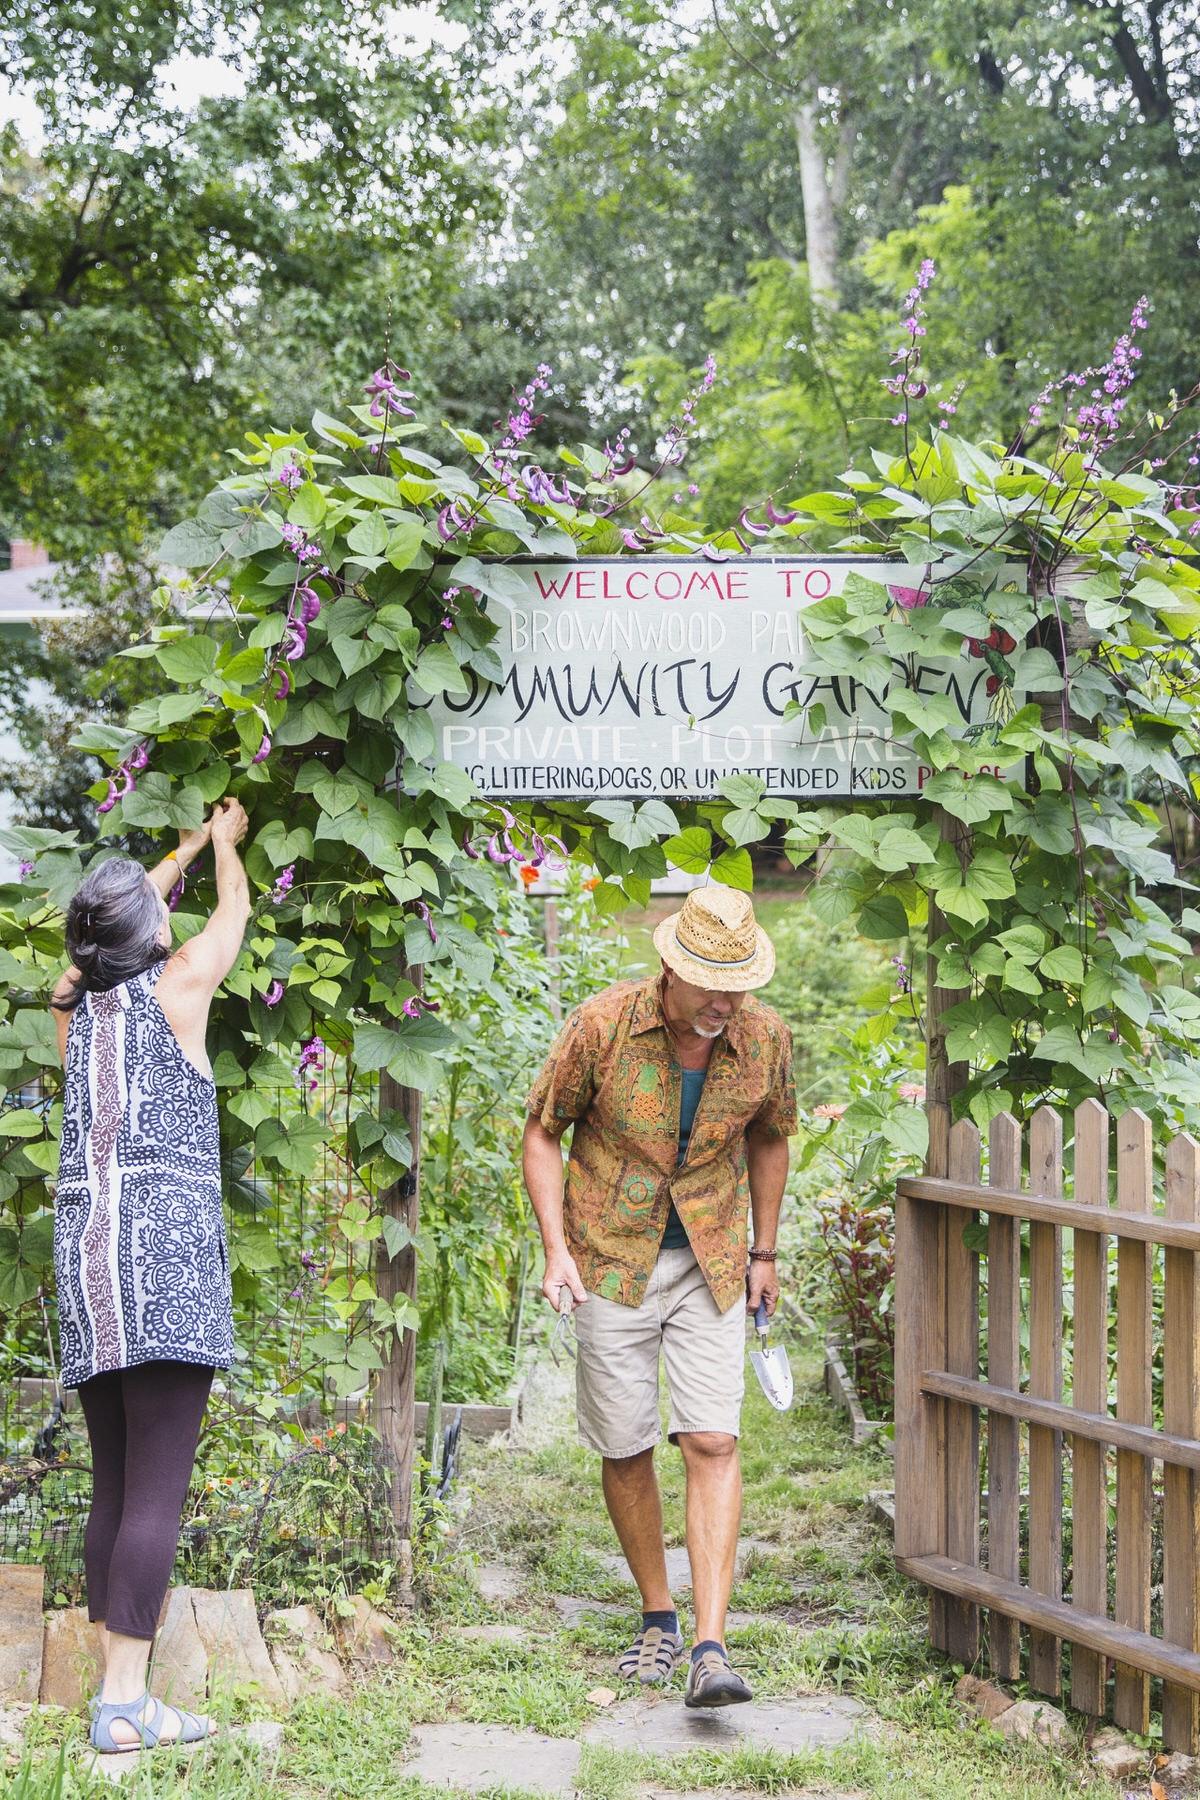 Brownwood Park Community Garden